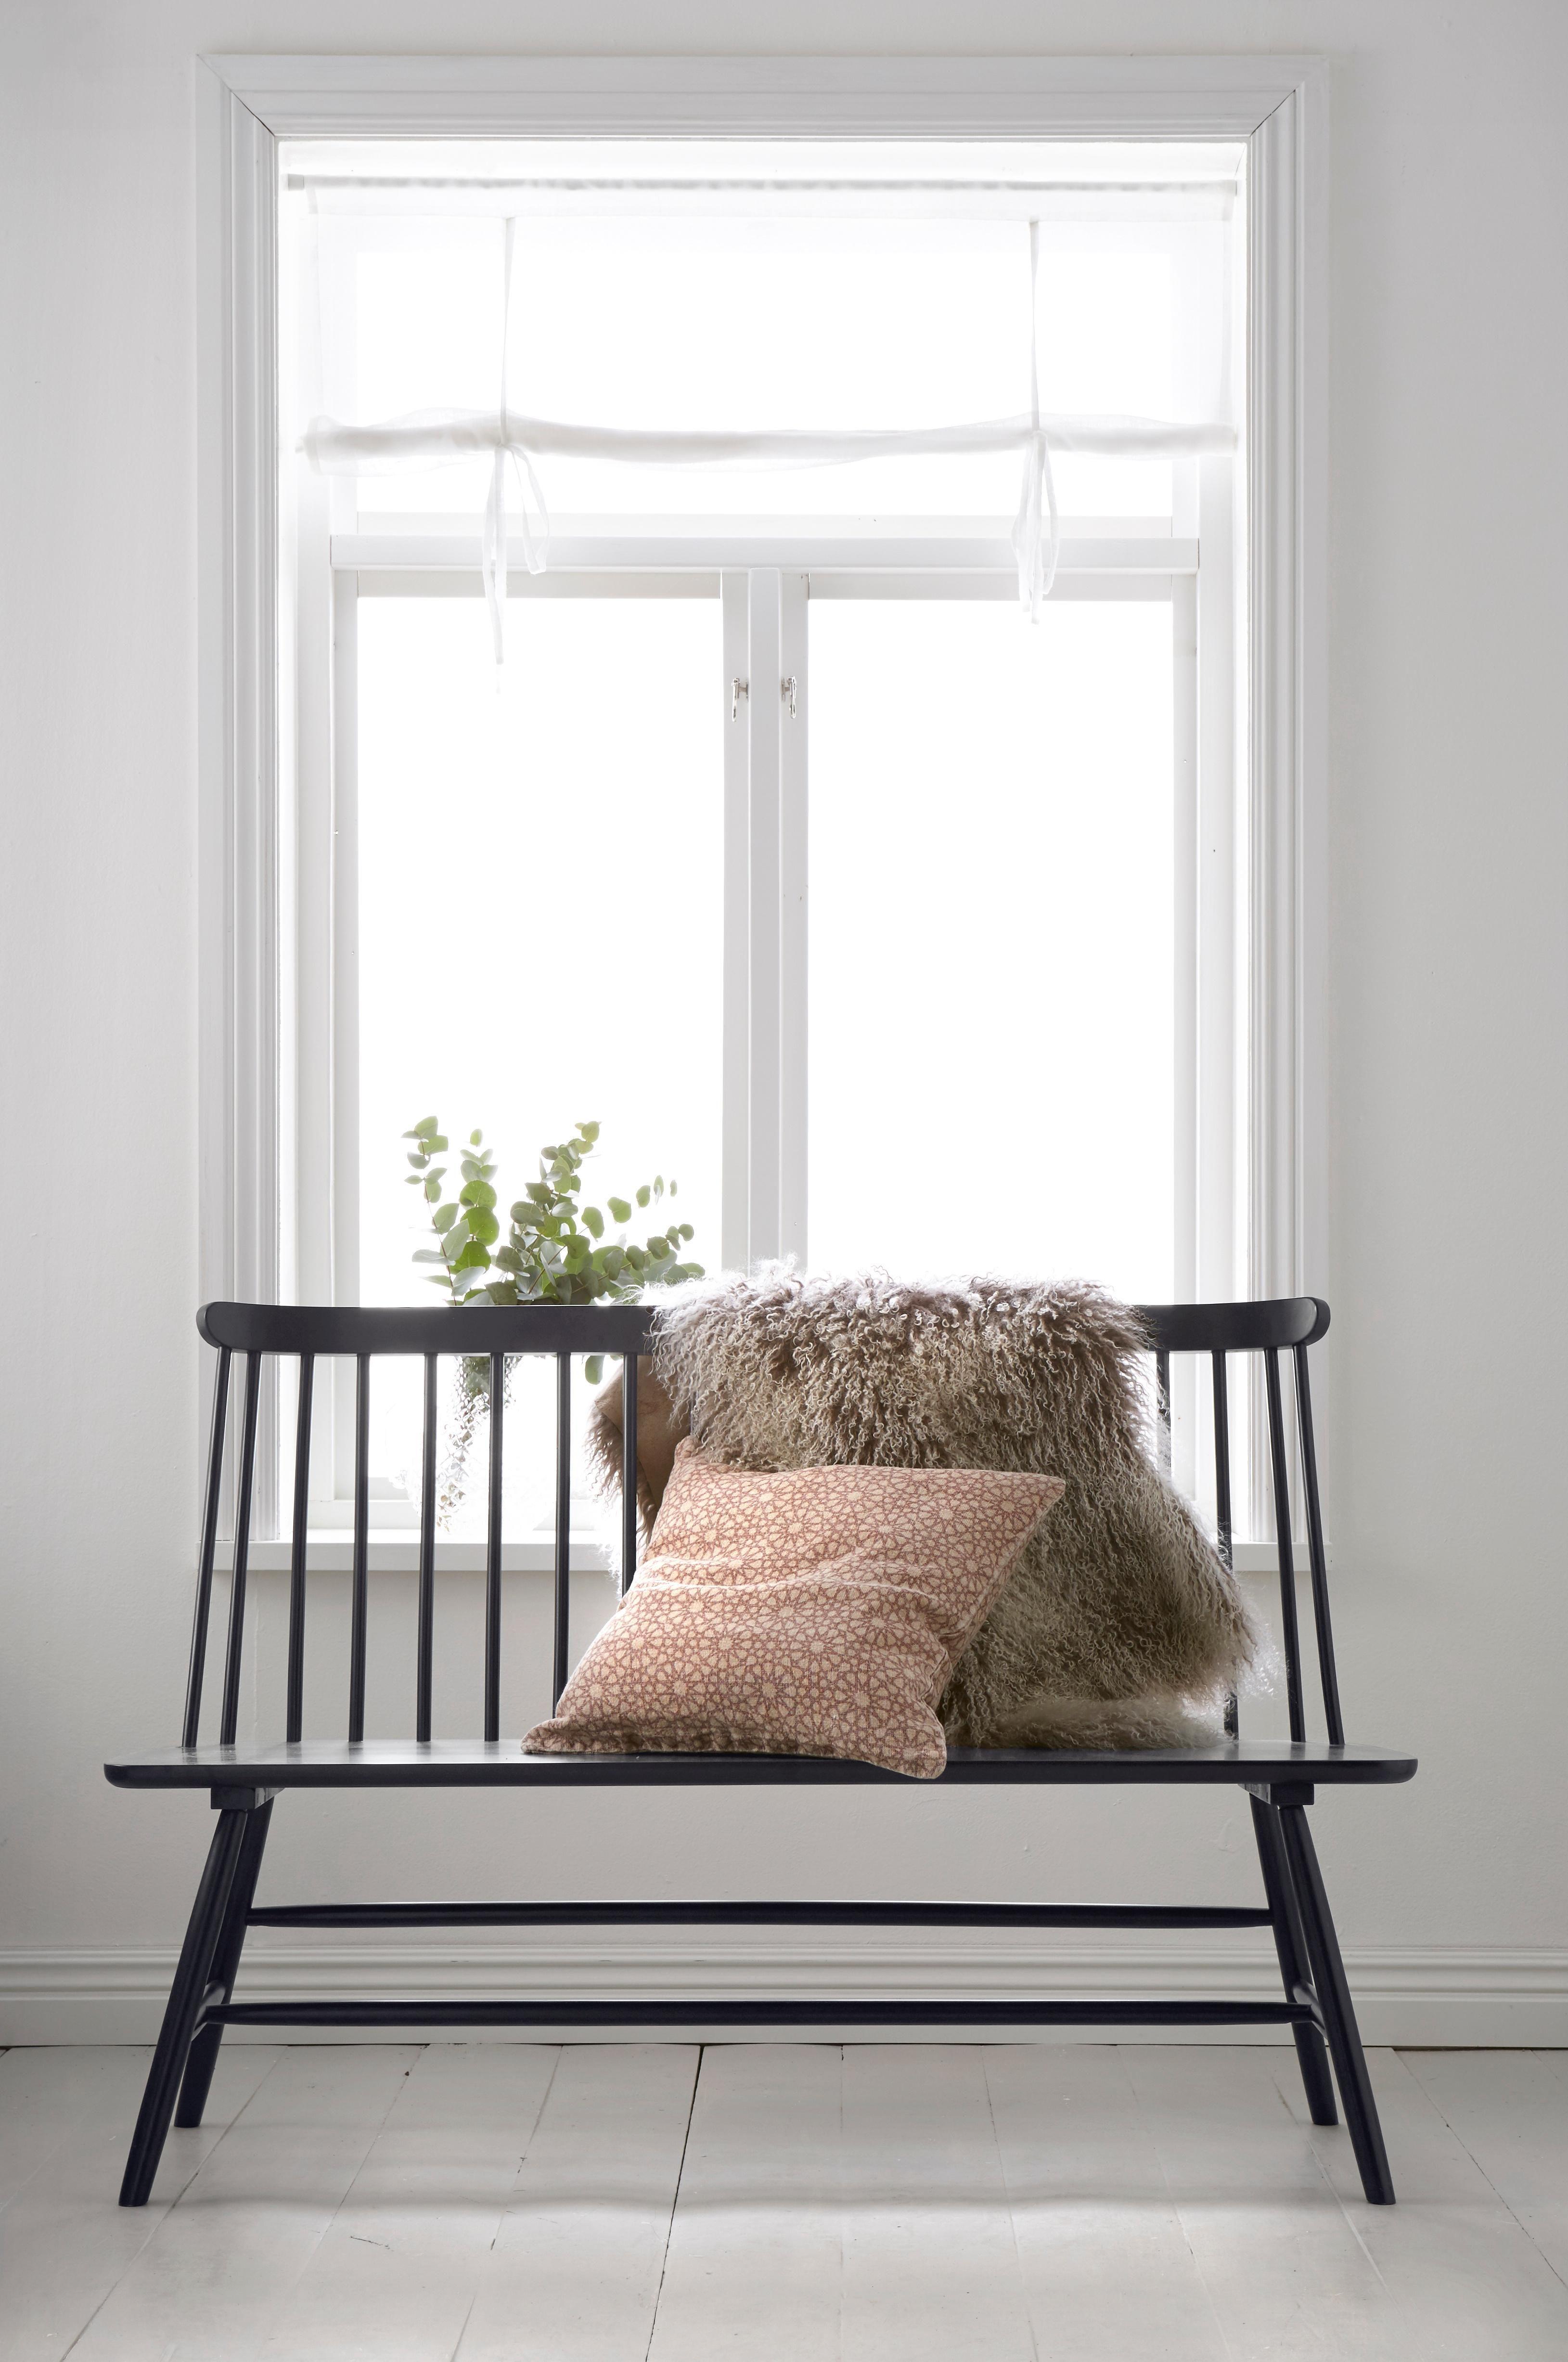 Bed under window  tremmebænk af gummitræ længde  cm højde  cm dybde  cm